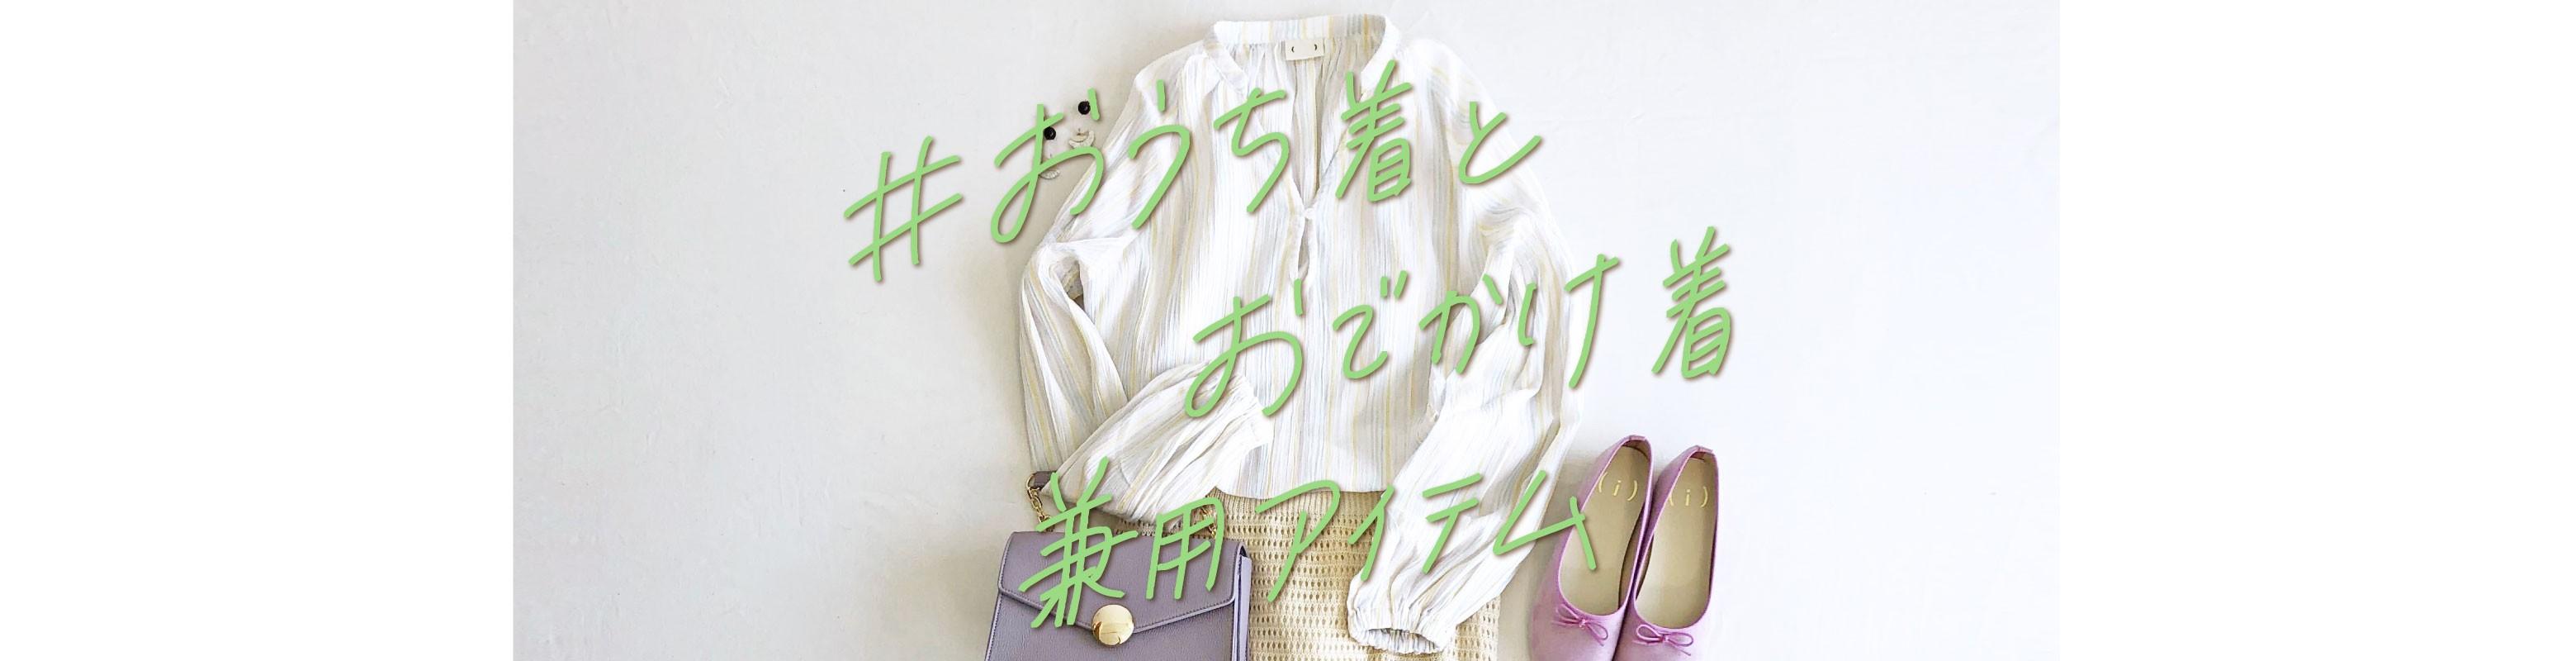 #おうち着とおでかけ着兼用アイテム